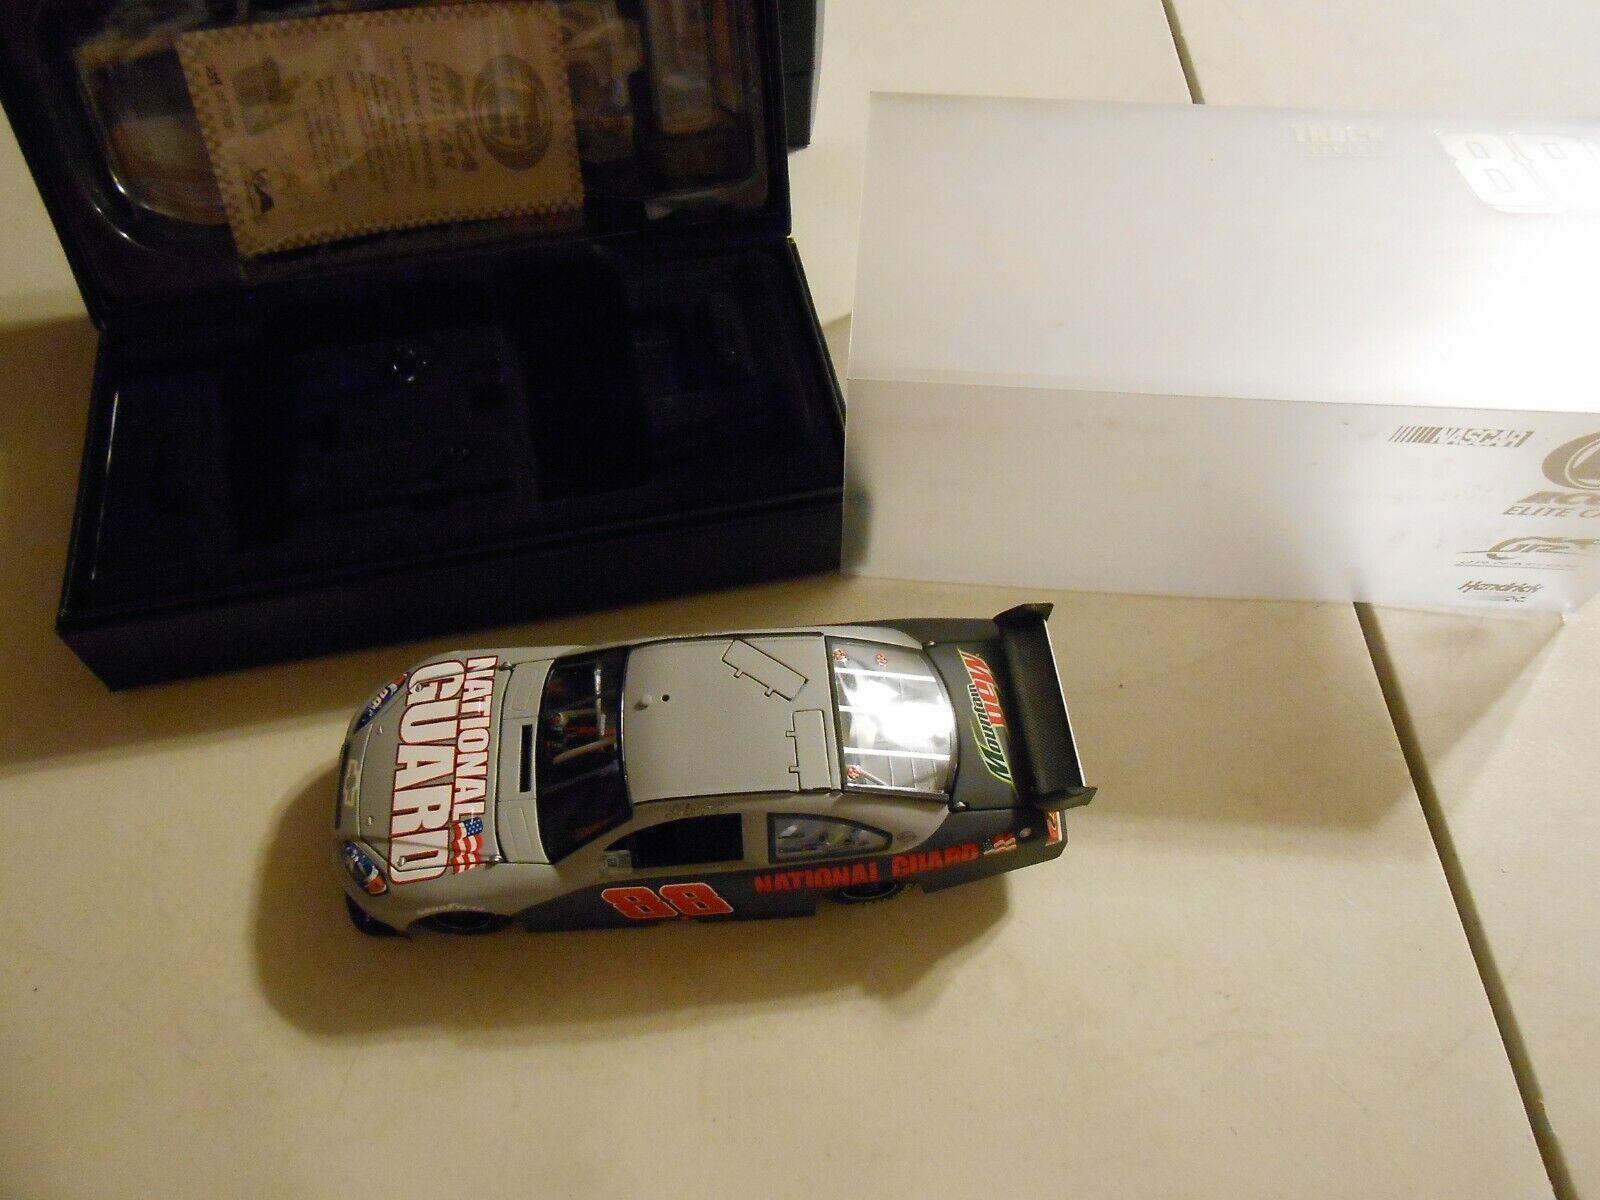 Dale Earnhardt Jr  88 garde nationale Test Voiture 2008 Impala SS Elite C 888822 tnej